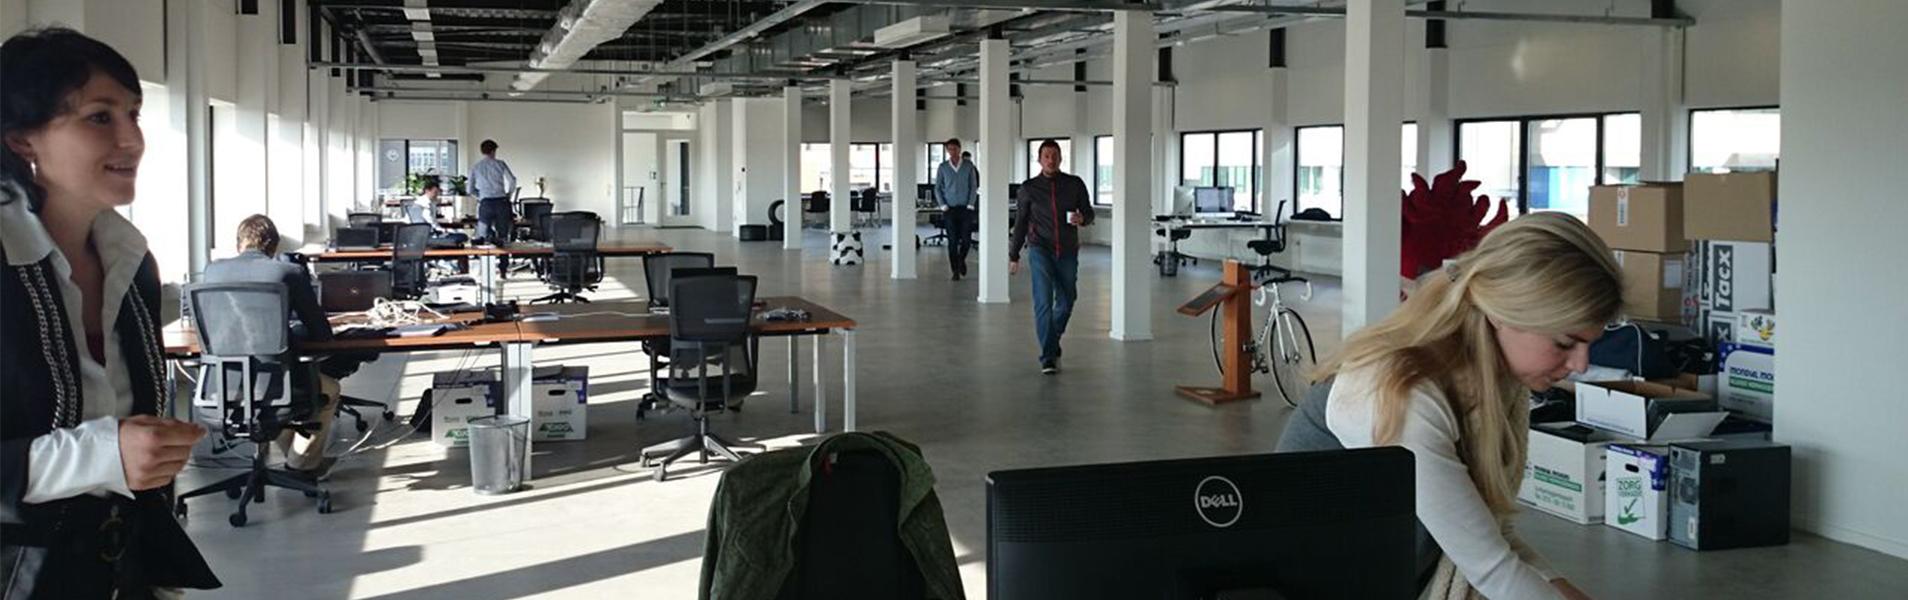 Triple Double kantoorautomatisering